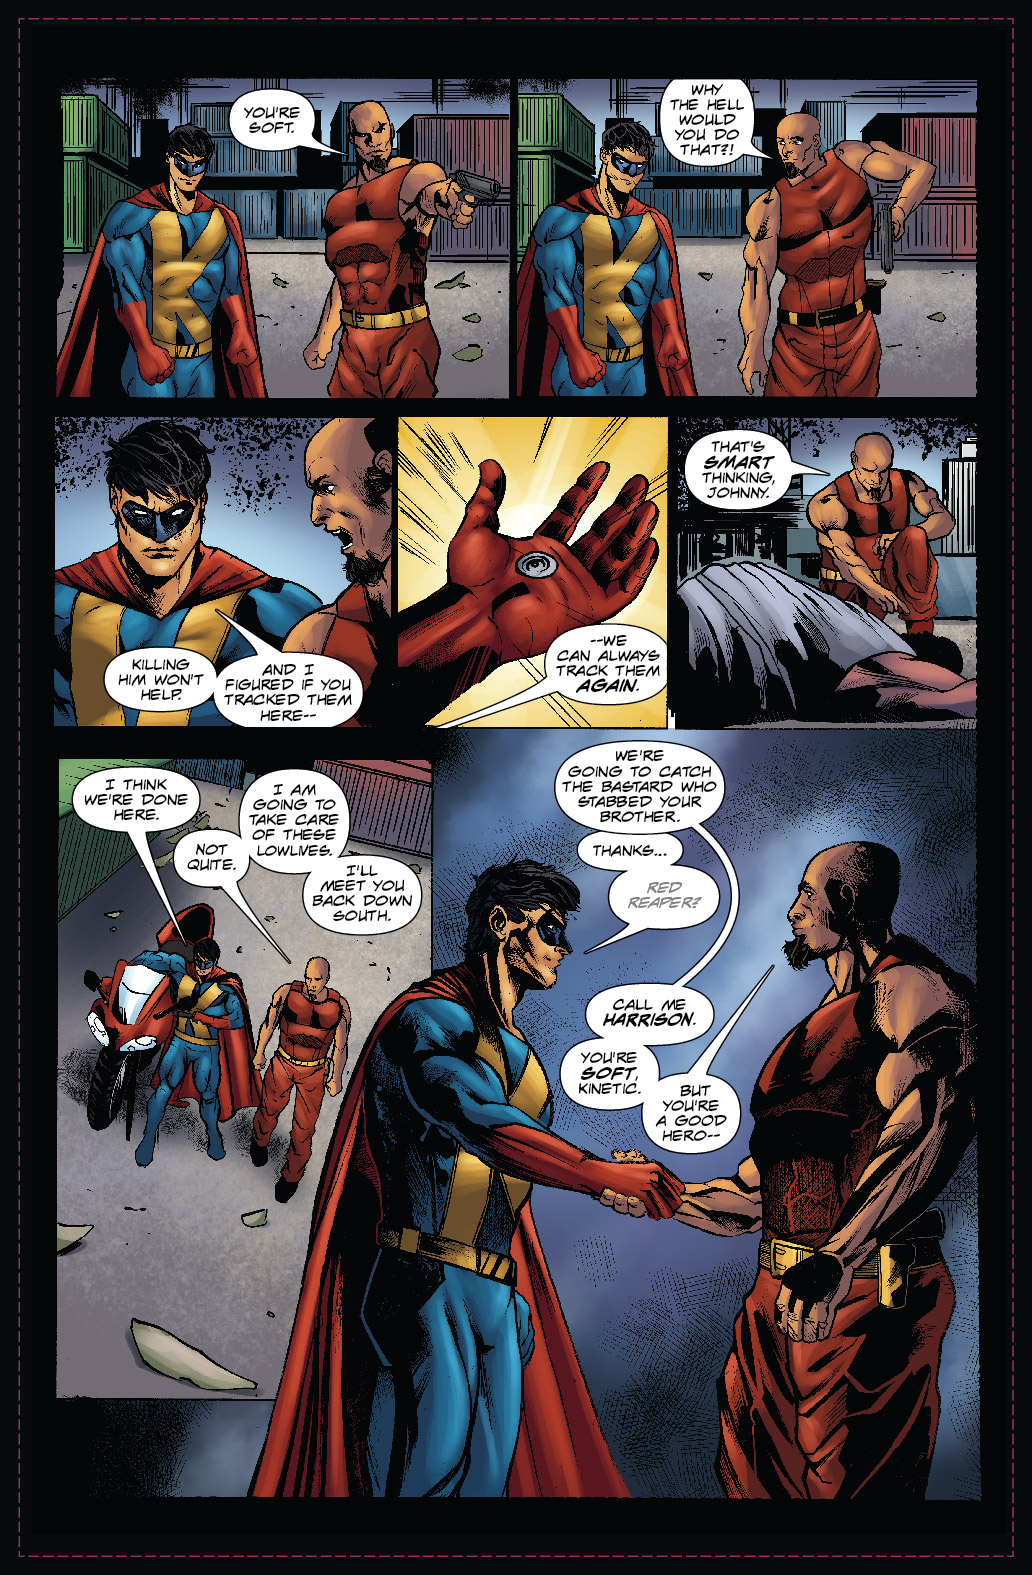 Kinetic 003 - Page 007-v4.jpg